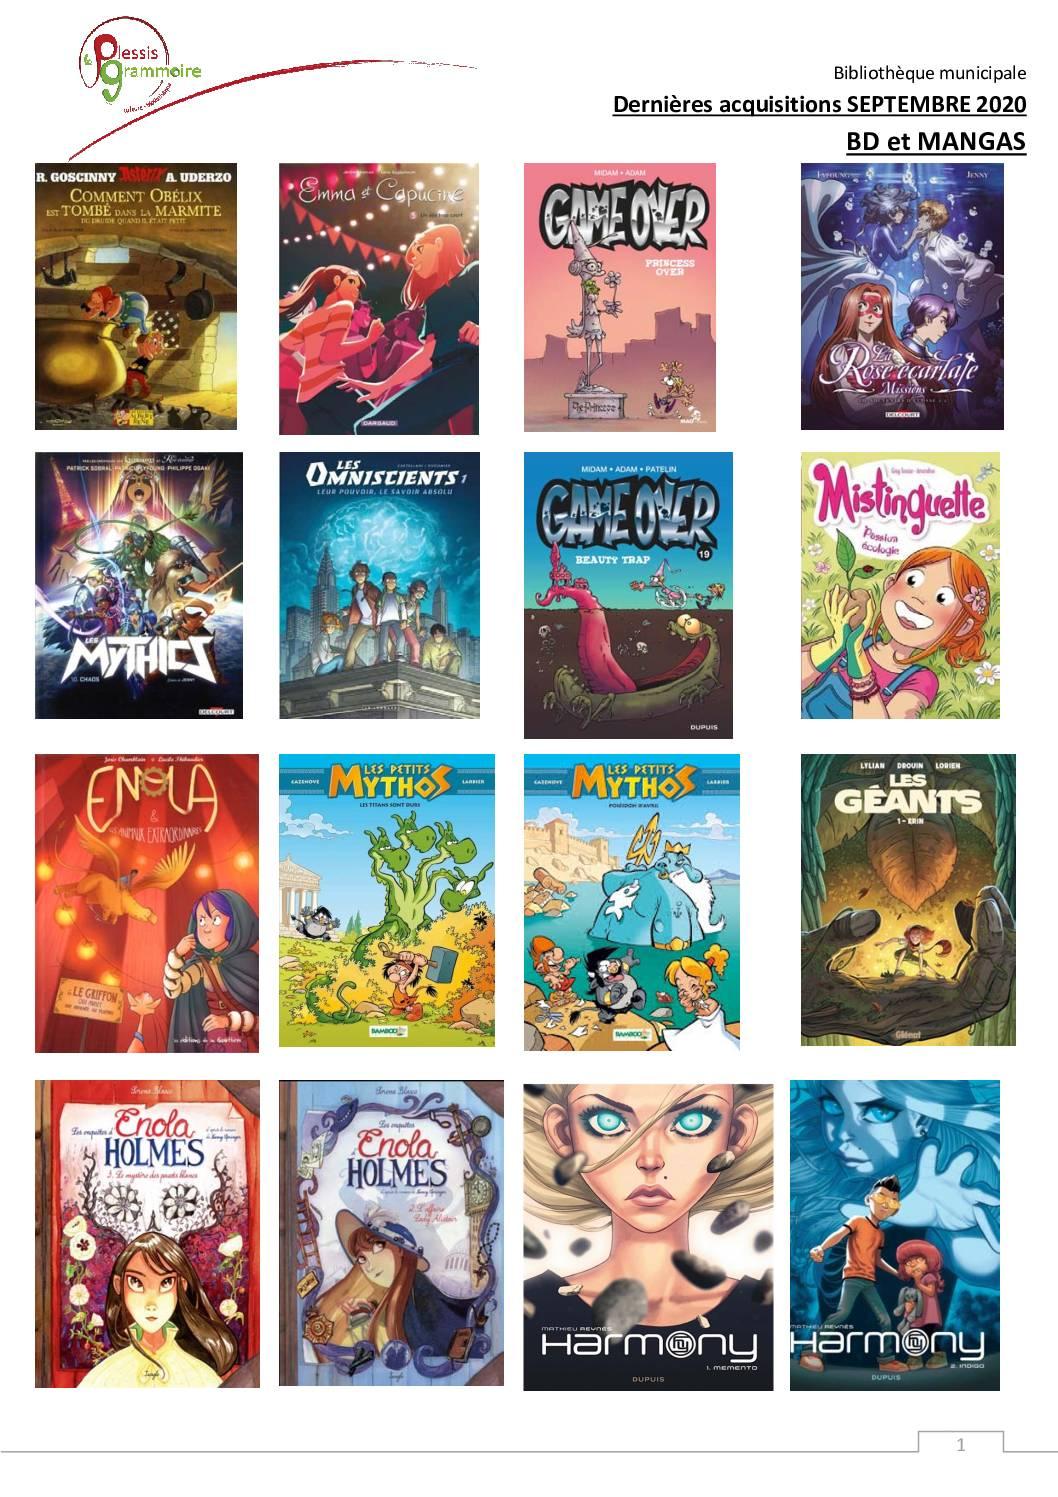 2020-09 Nouveautés BD et manga